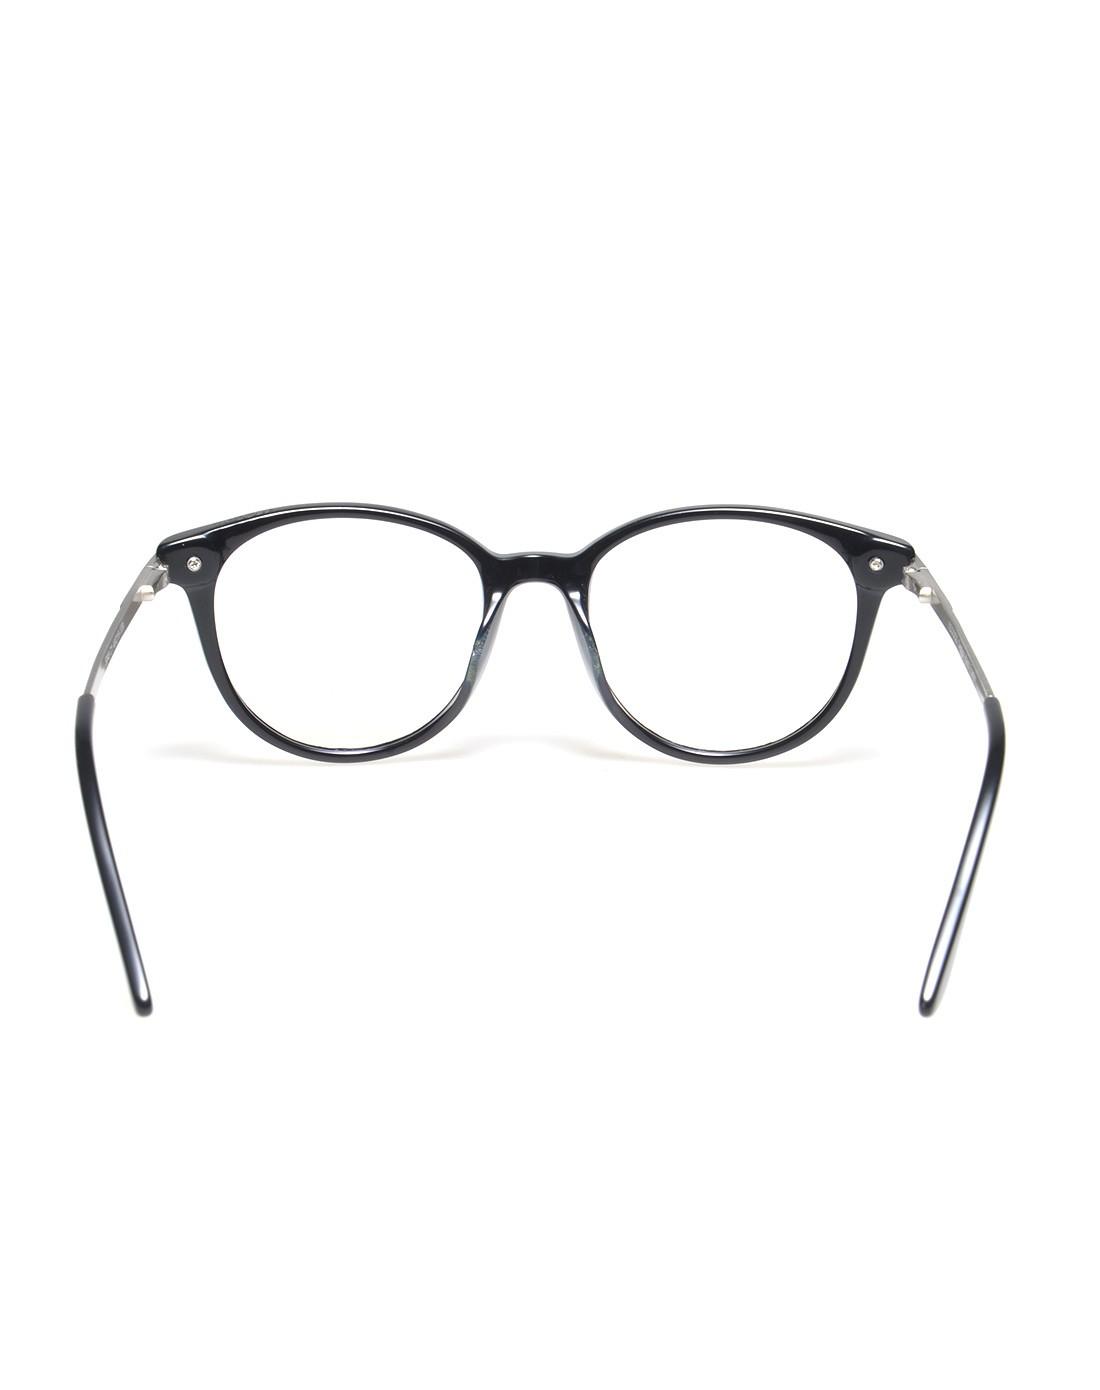 威古氏时尚眼镜专场眼镜框近视眼镜男进口板材黑框架图片